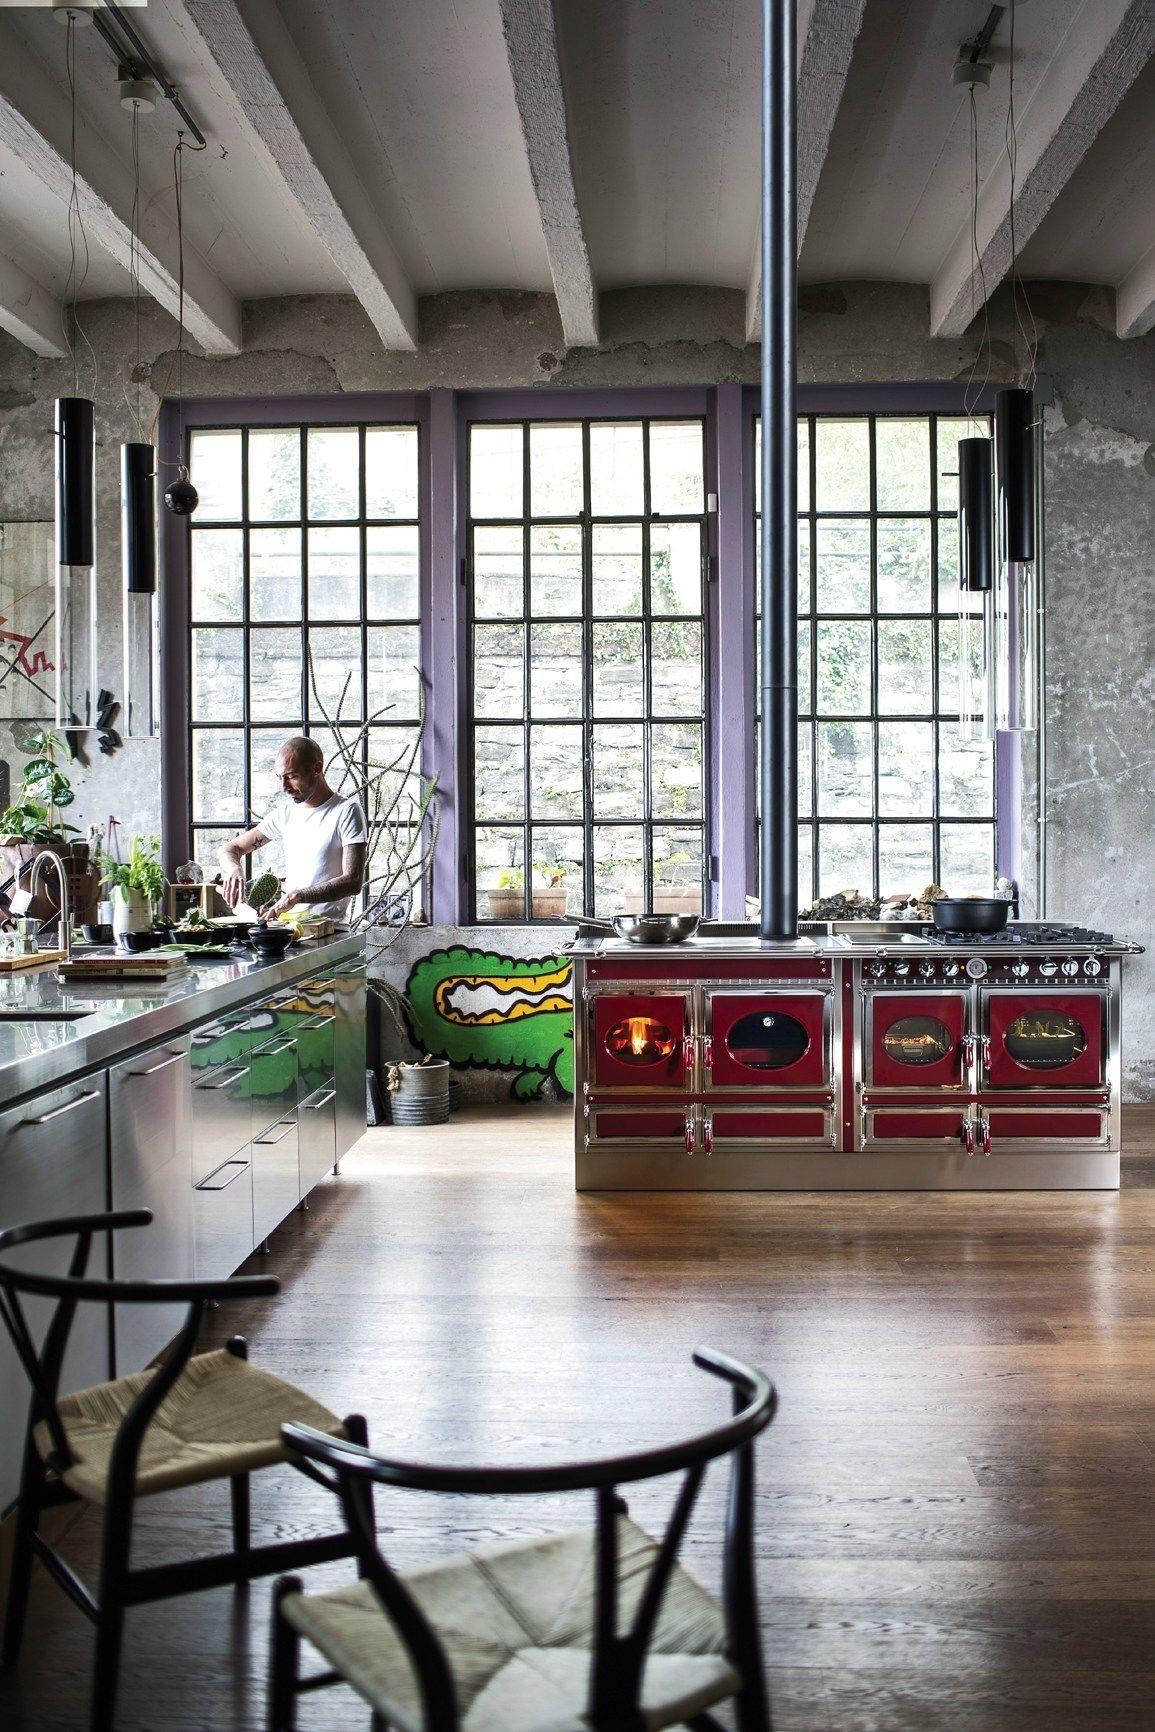 Cucine a legna multifunzione by j corradi - Cucine corradi rivenditori ...